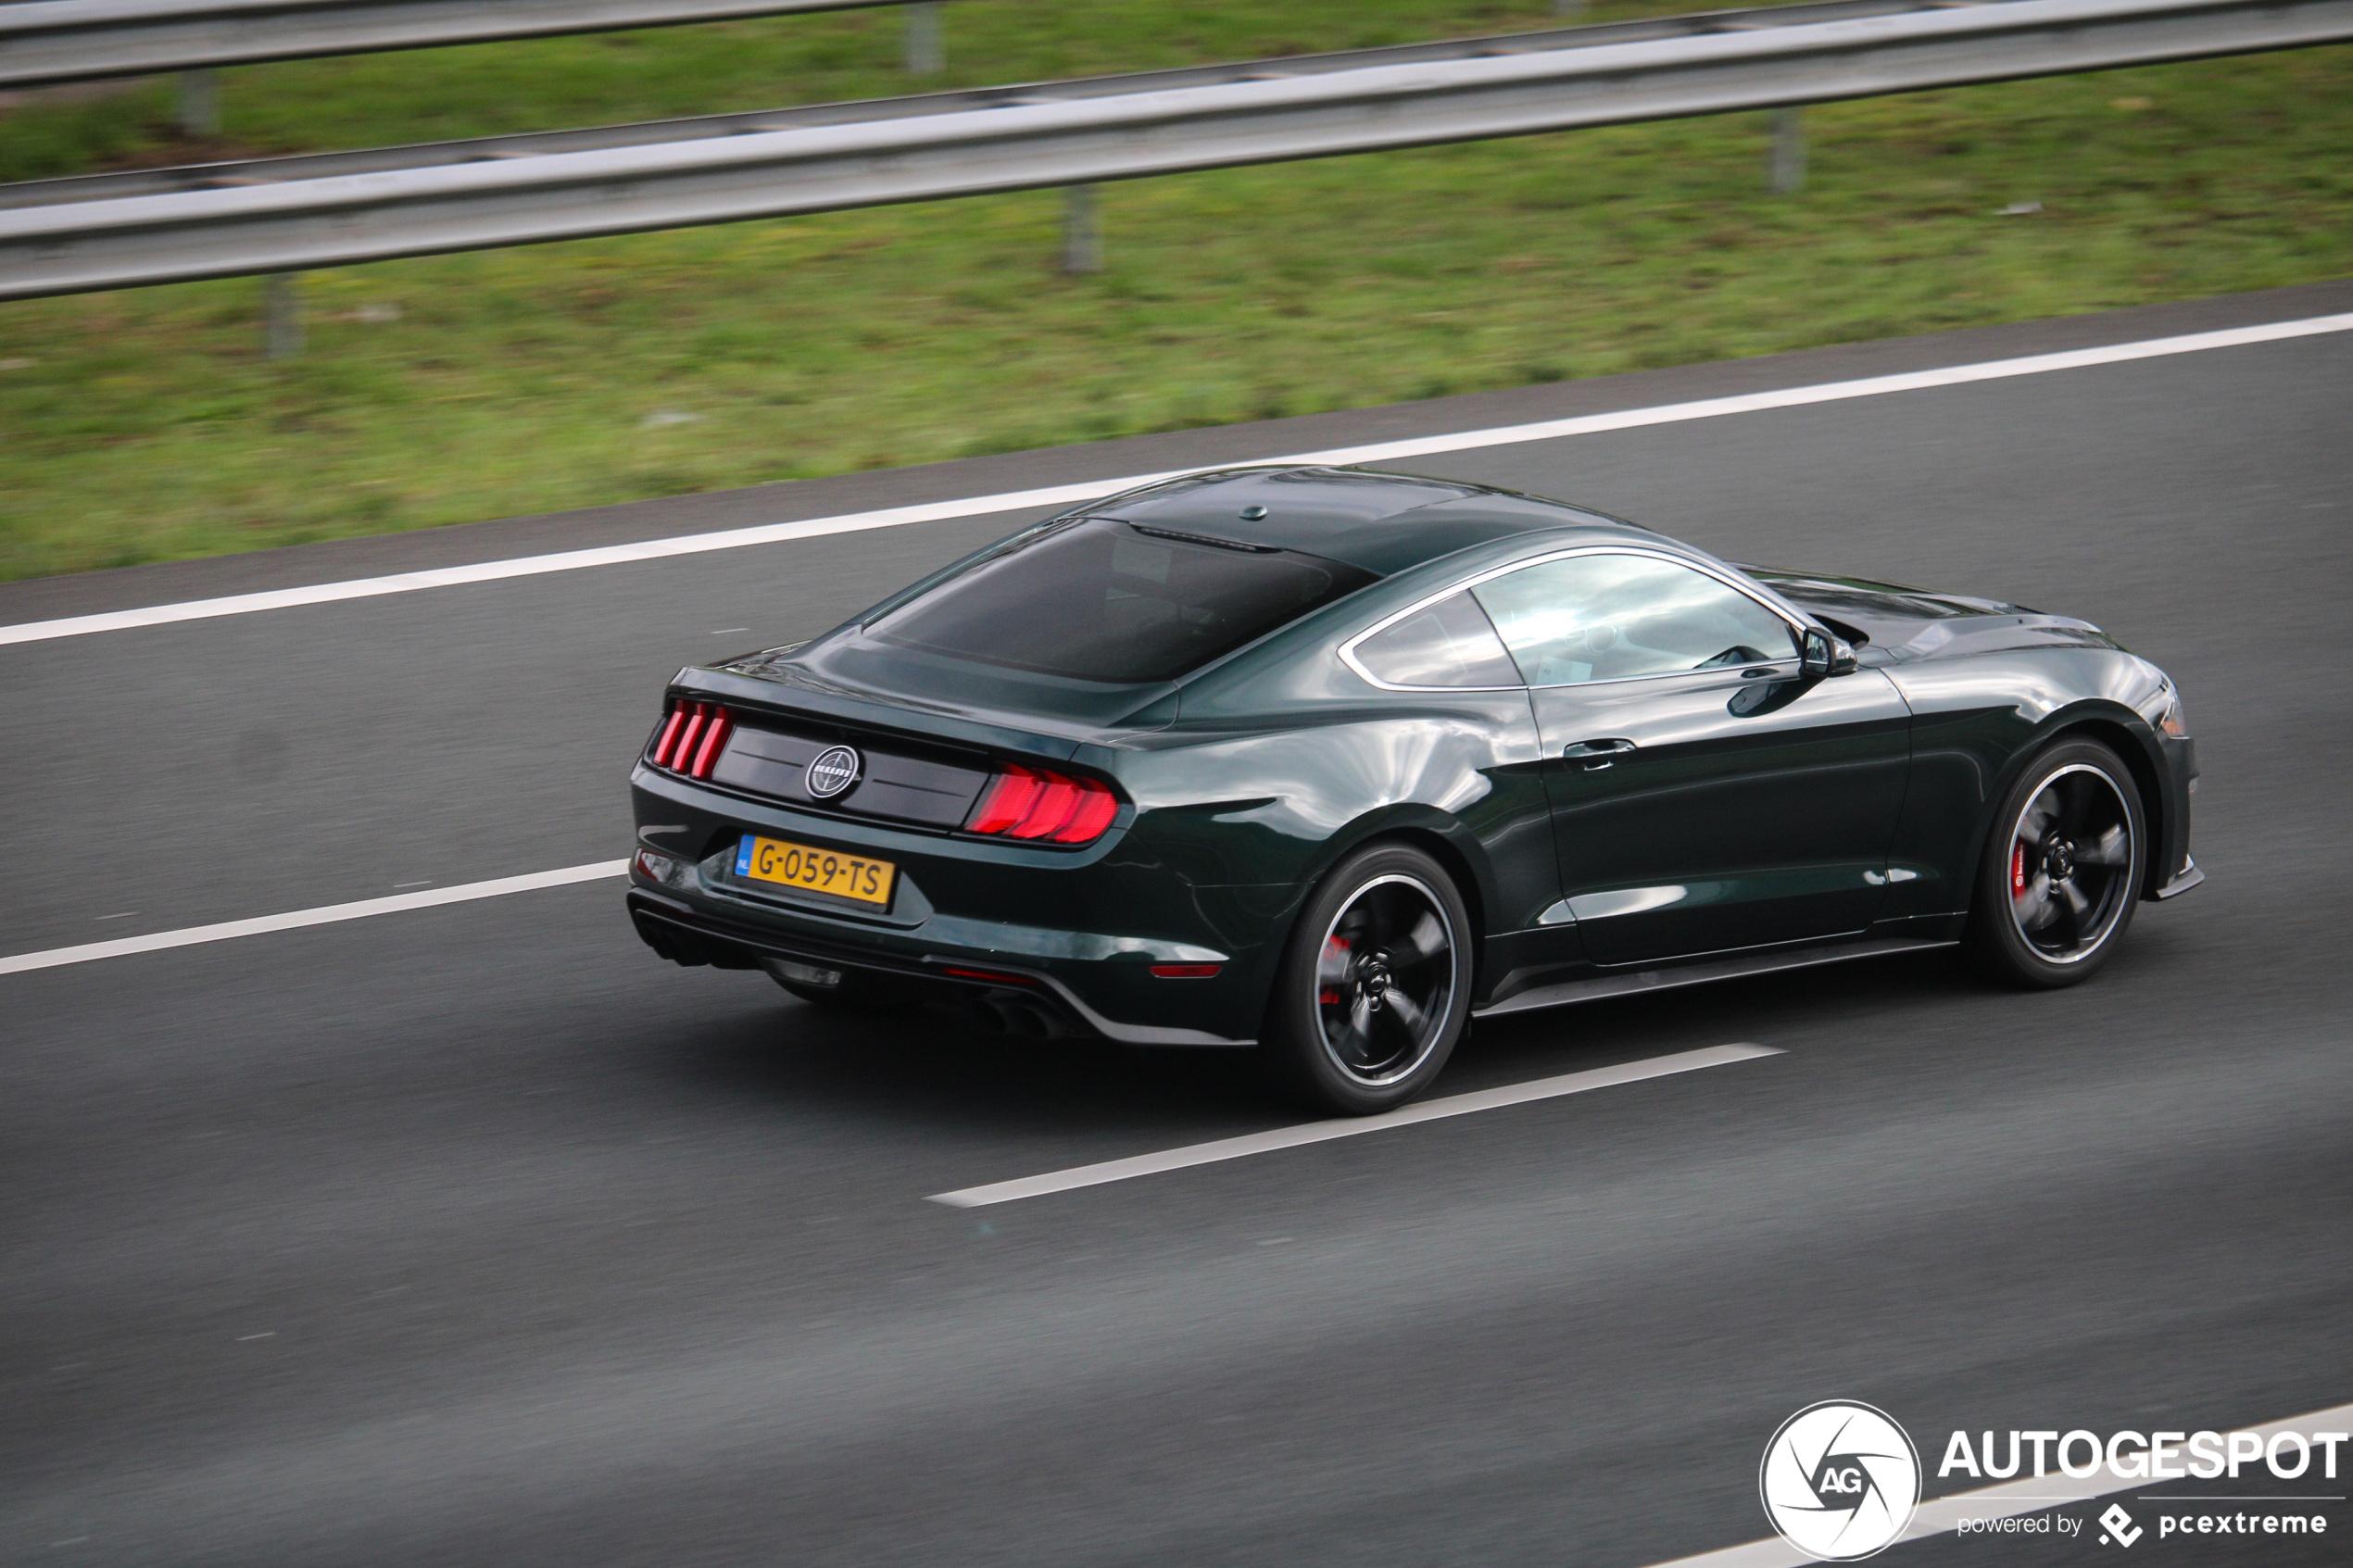 Hier rijdt een absolute liefhebber van de Ford Mustang